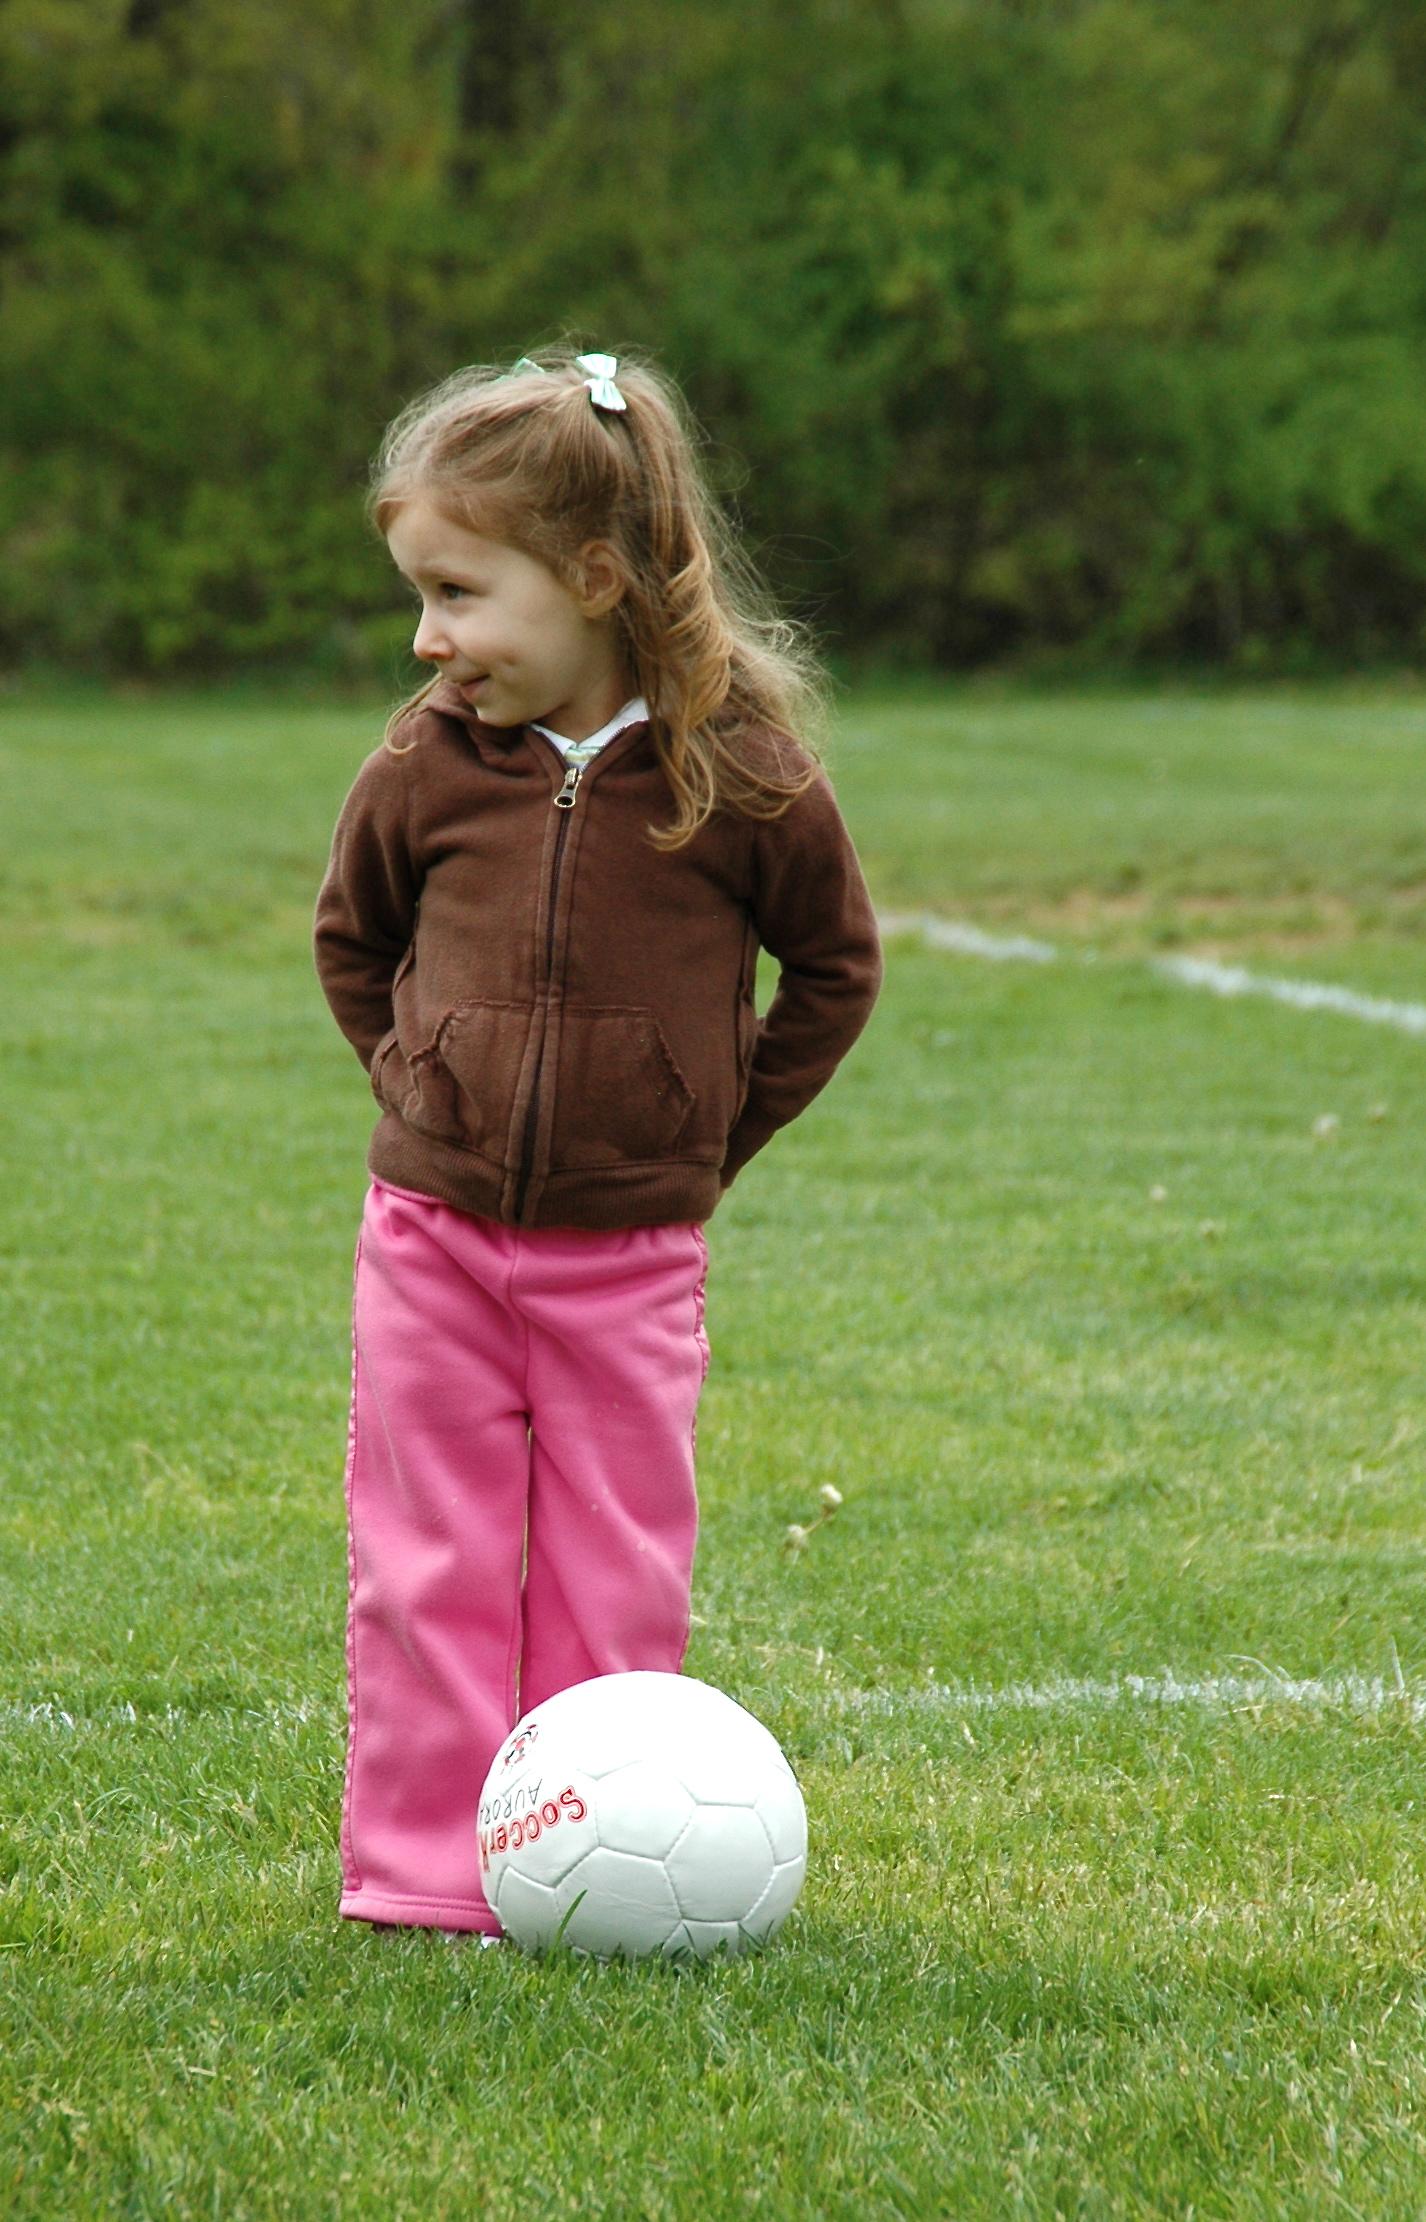 Soccer mom1.JPG